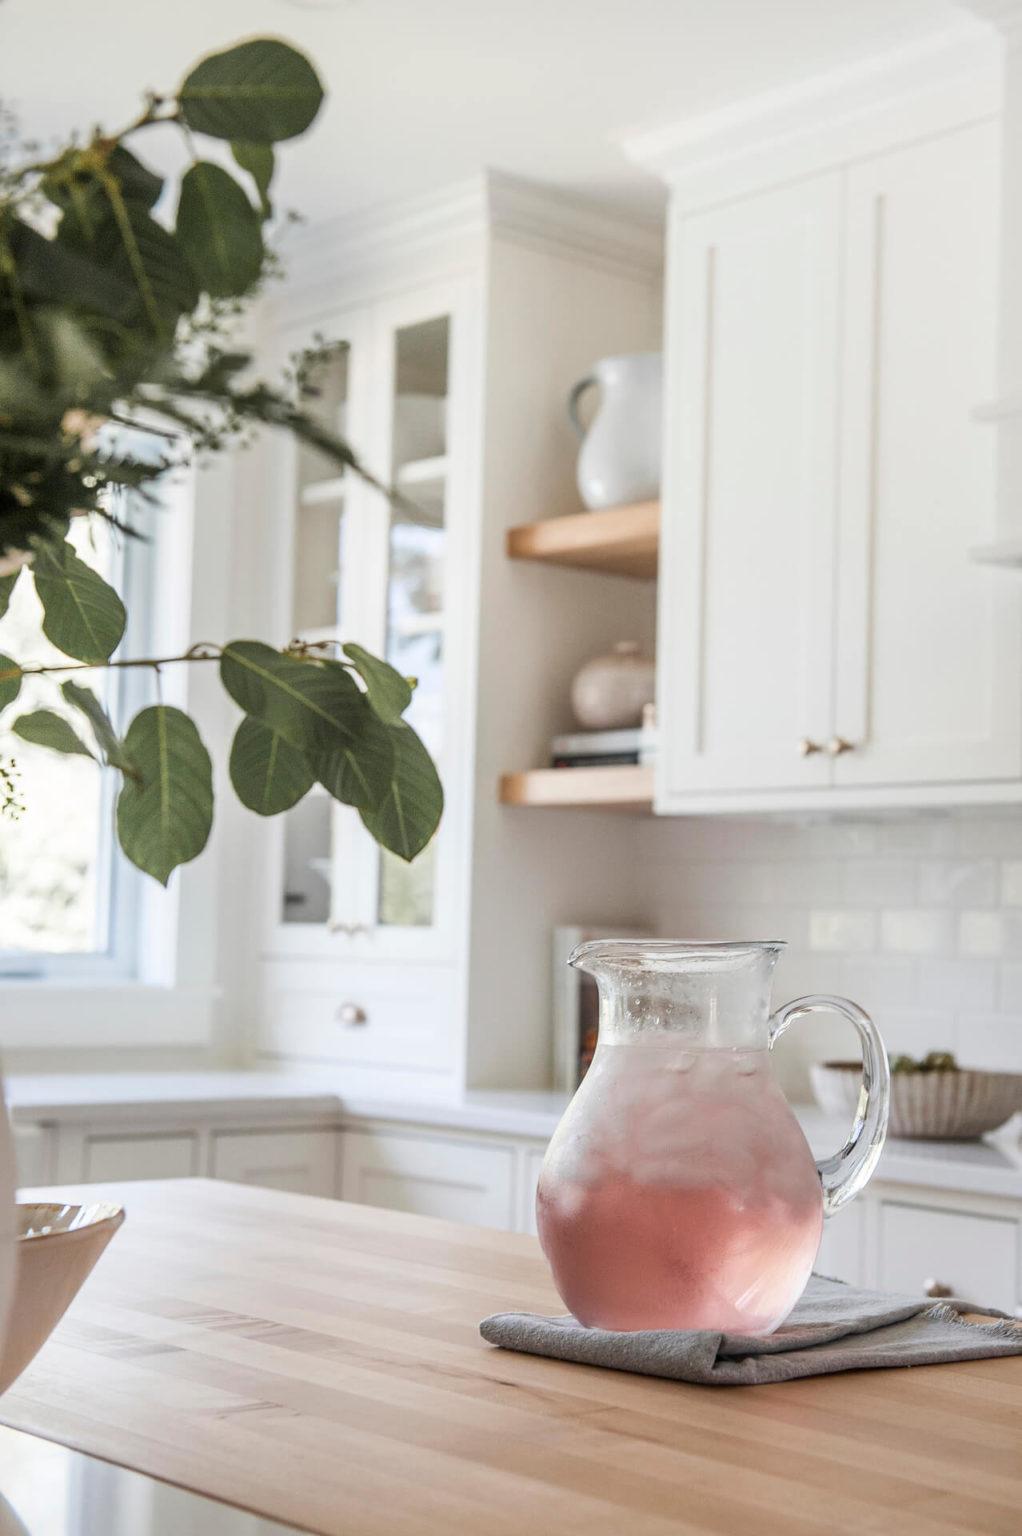 Frobisher AKB Design cuisine blanche farmhouse classique tablette bois luminaire osier ilot quarz 14